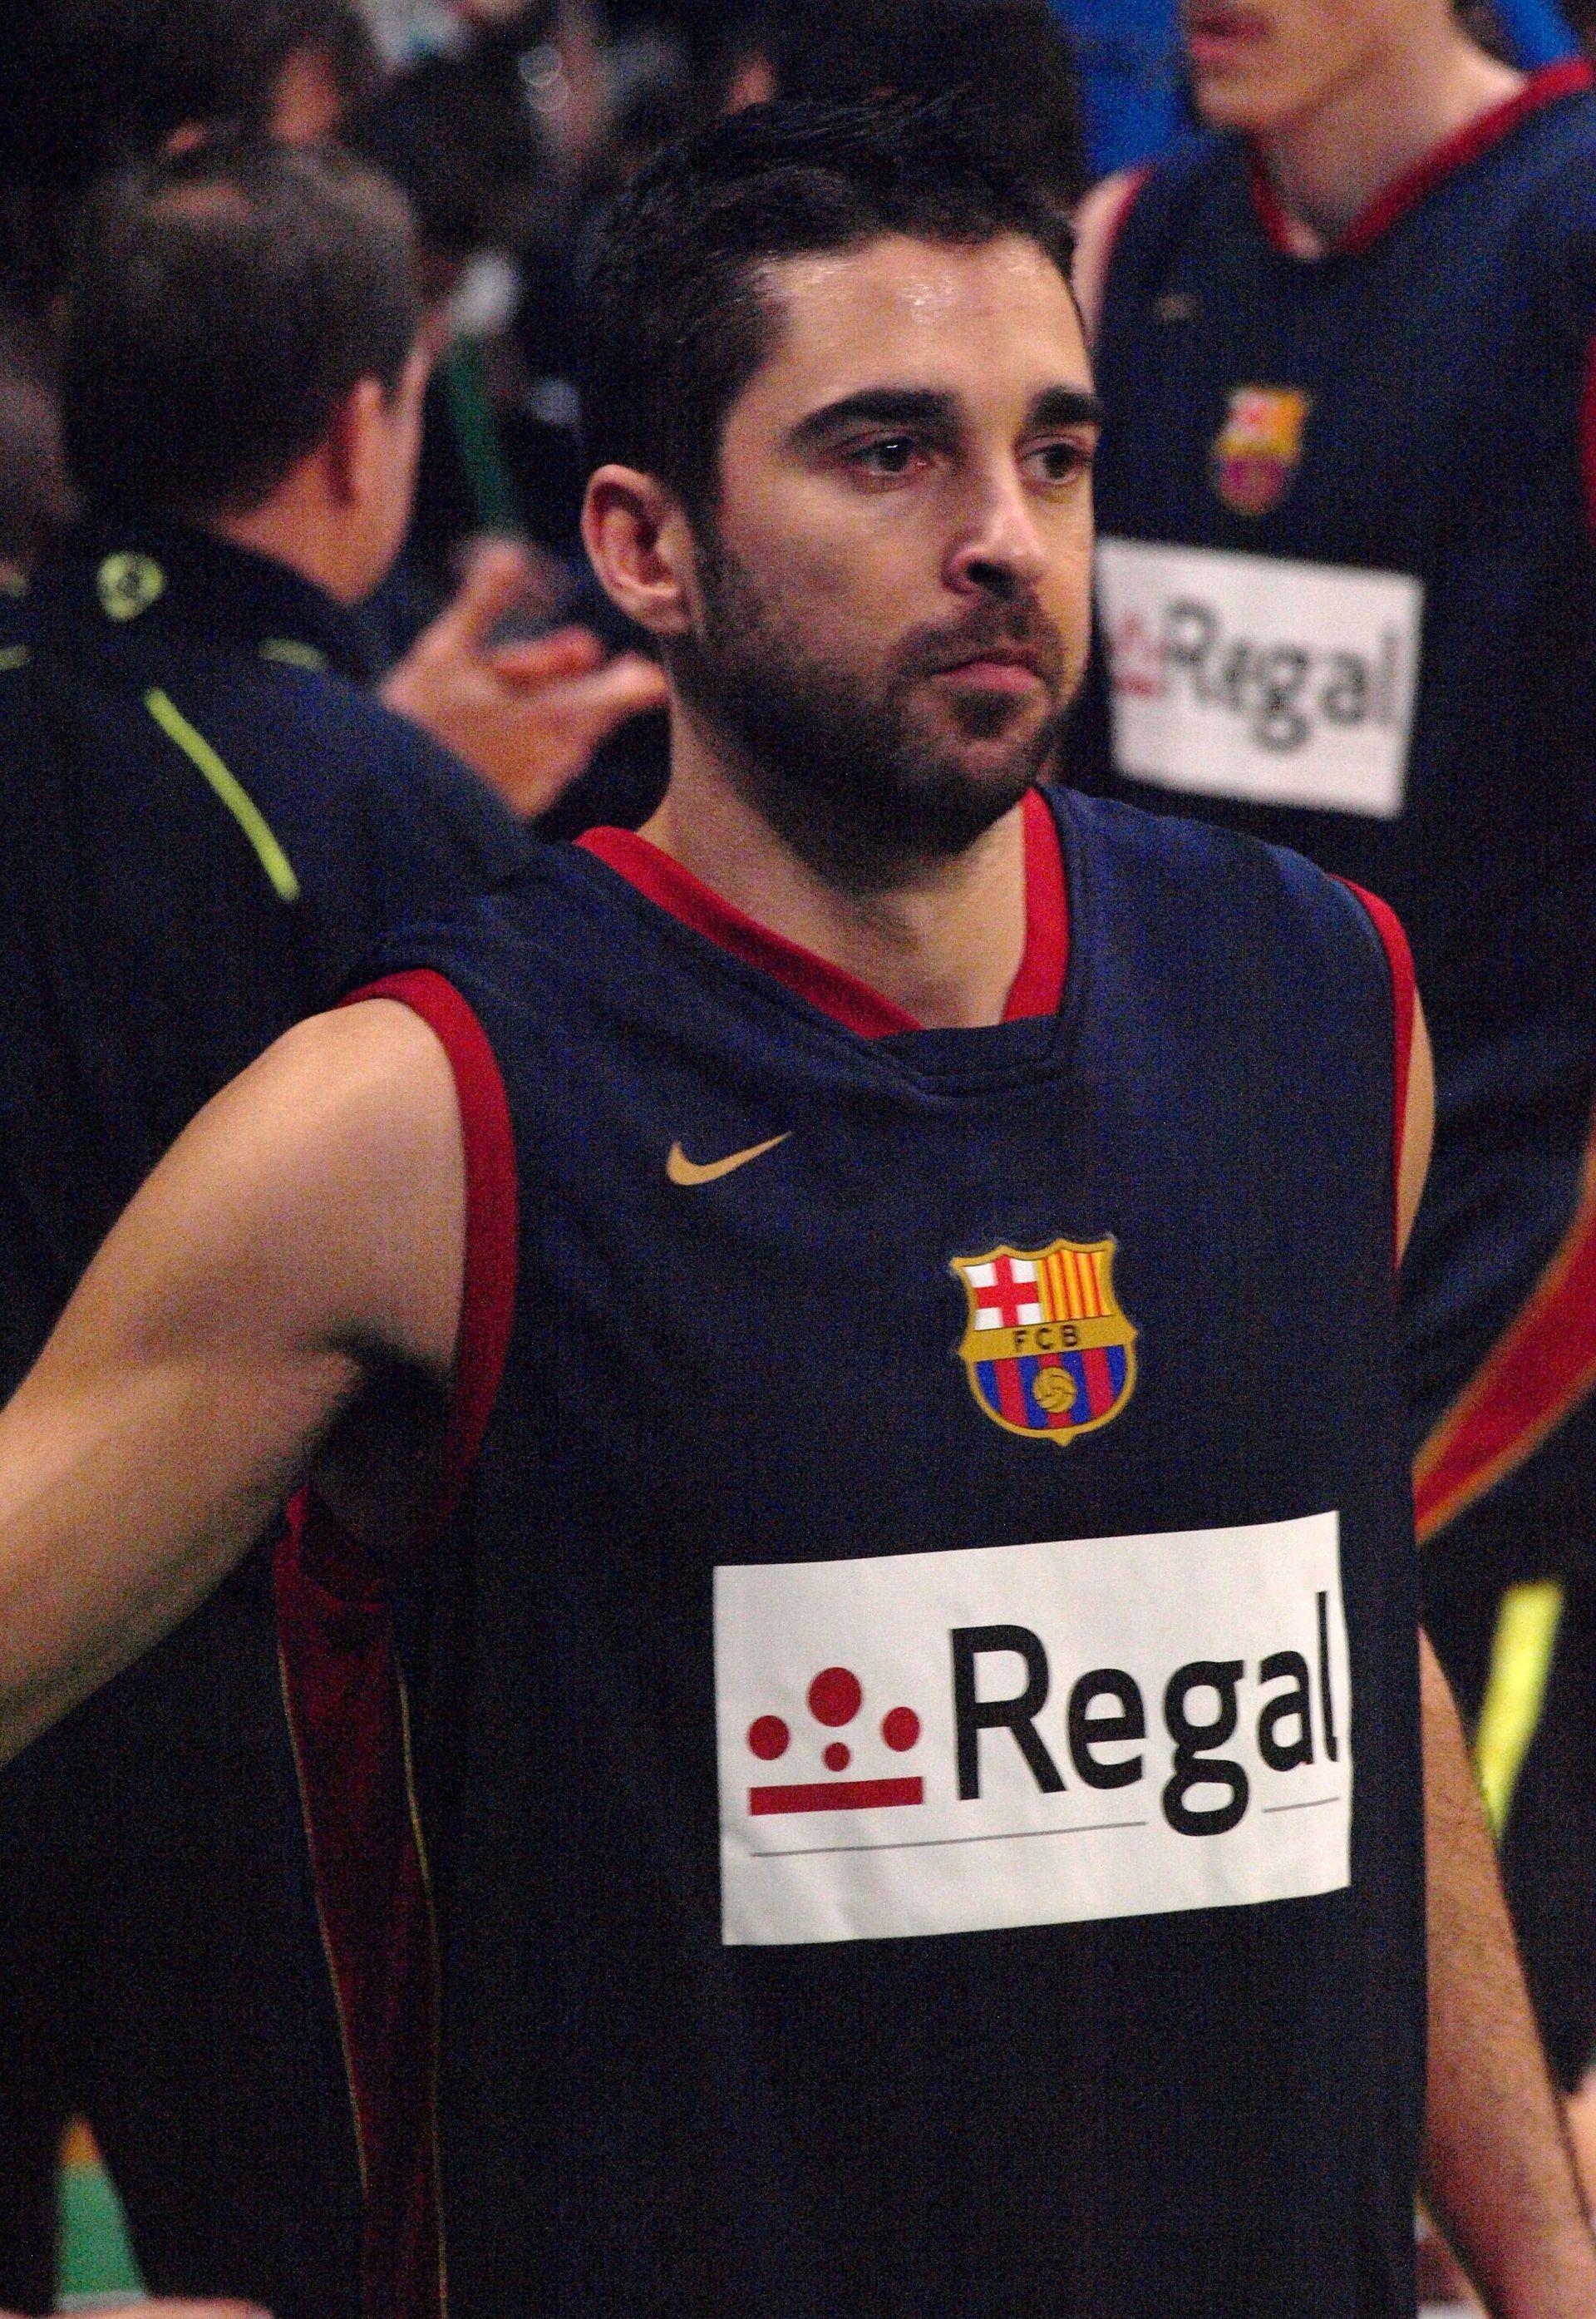 tienda deporte barcelona futbol